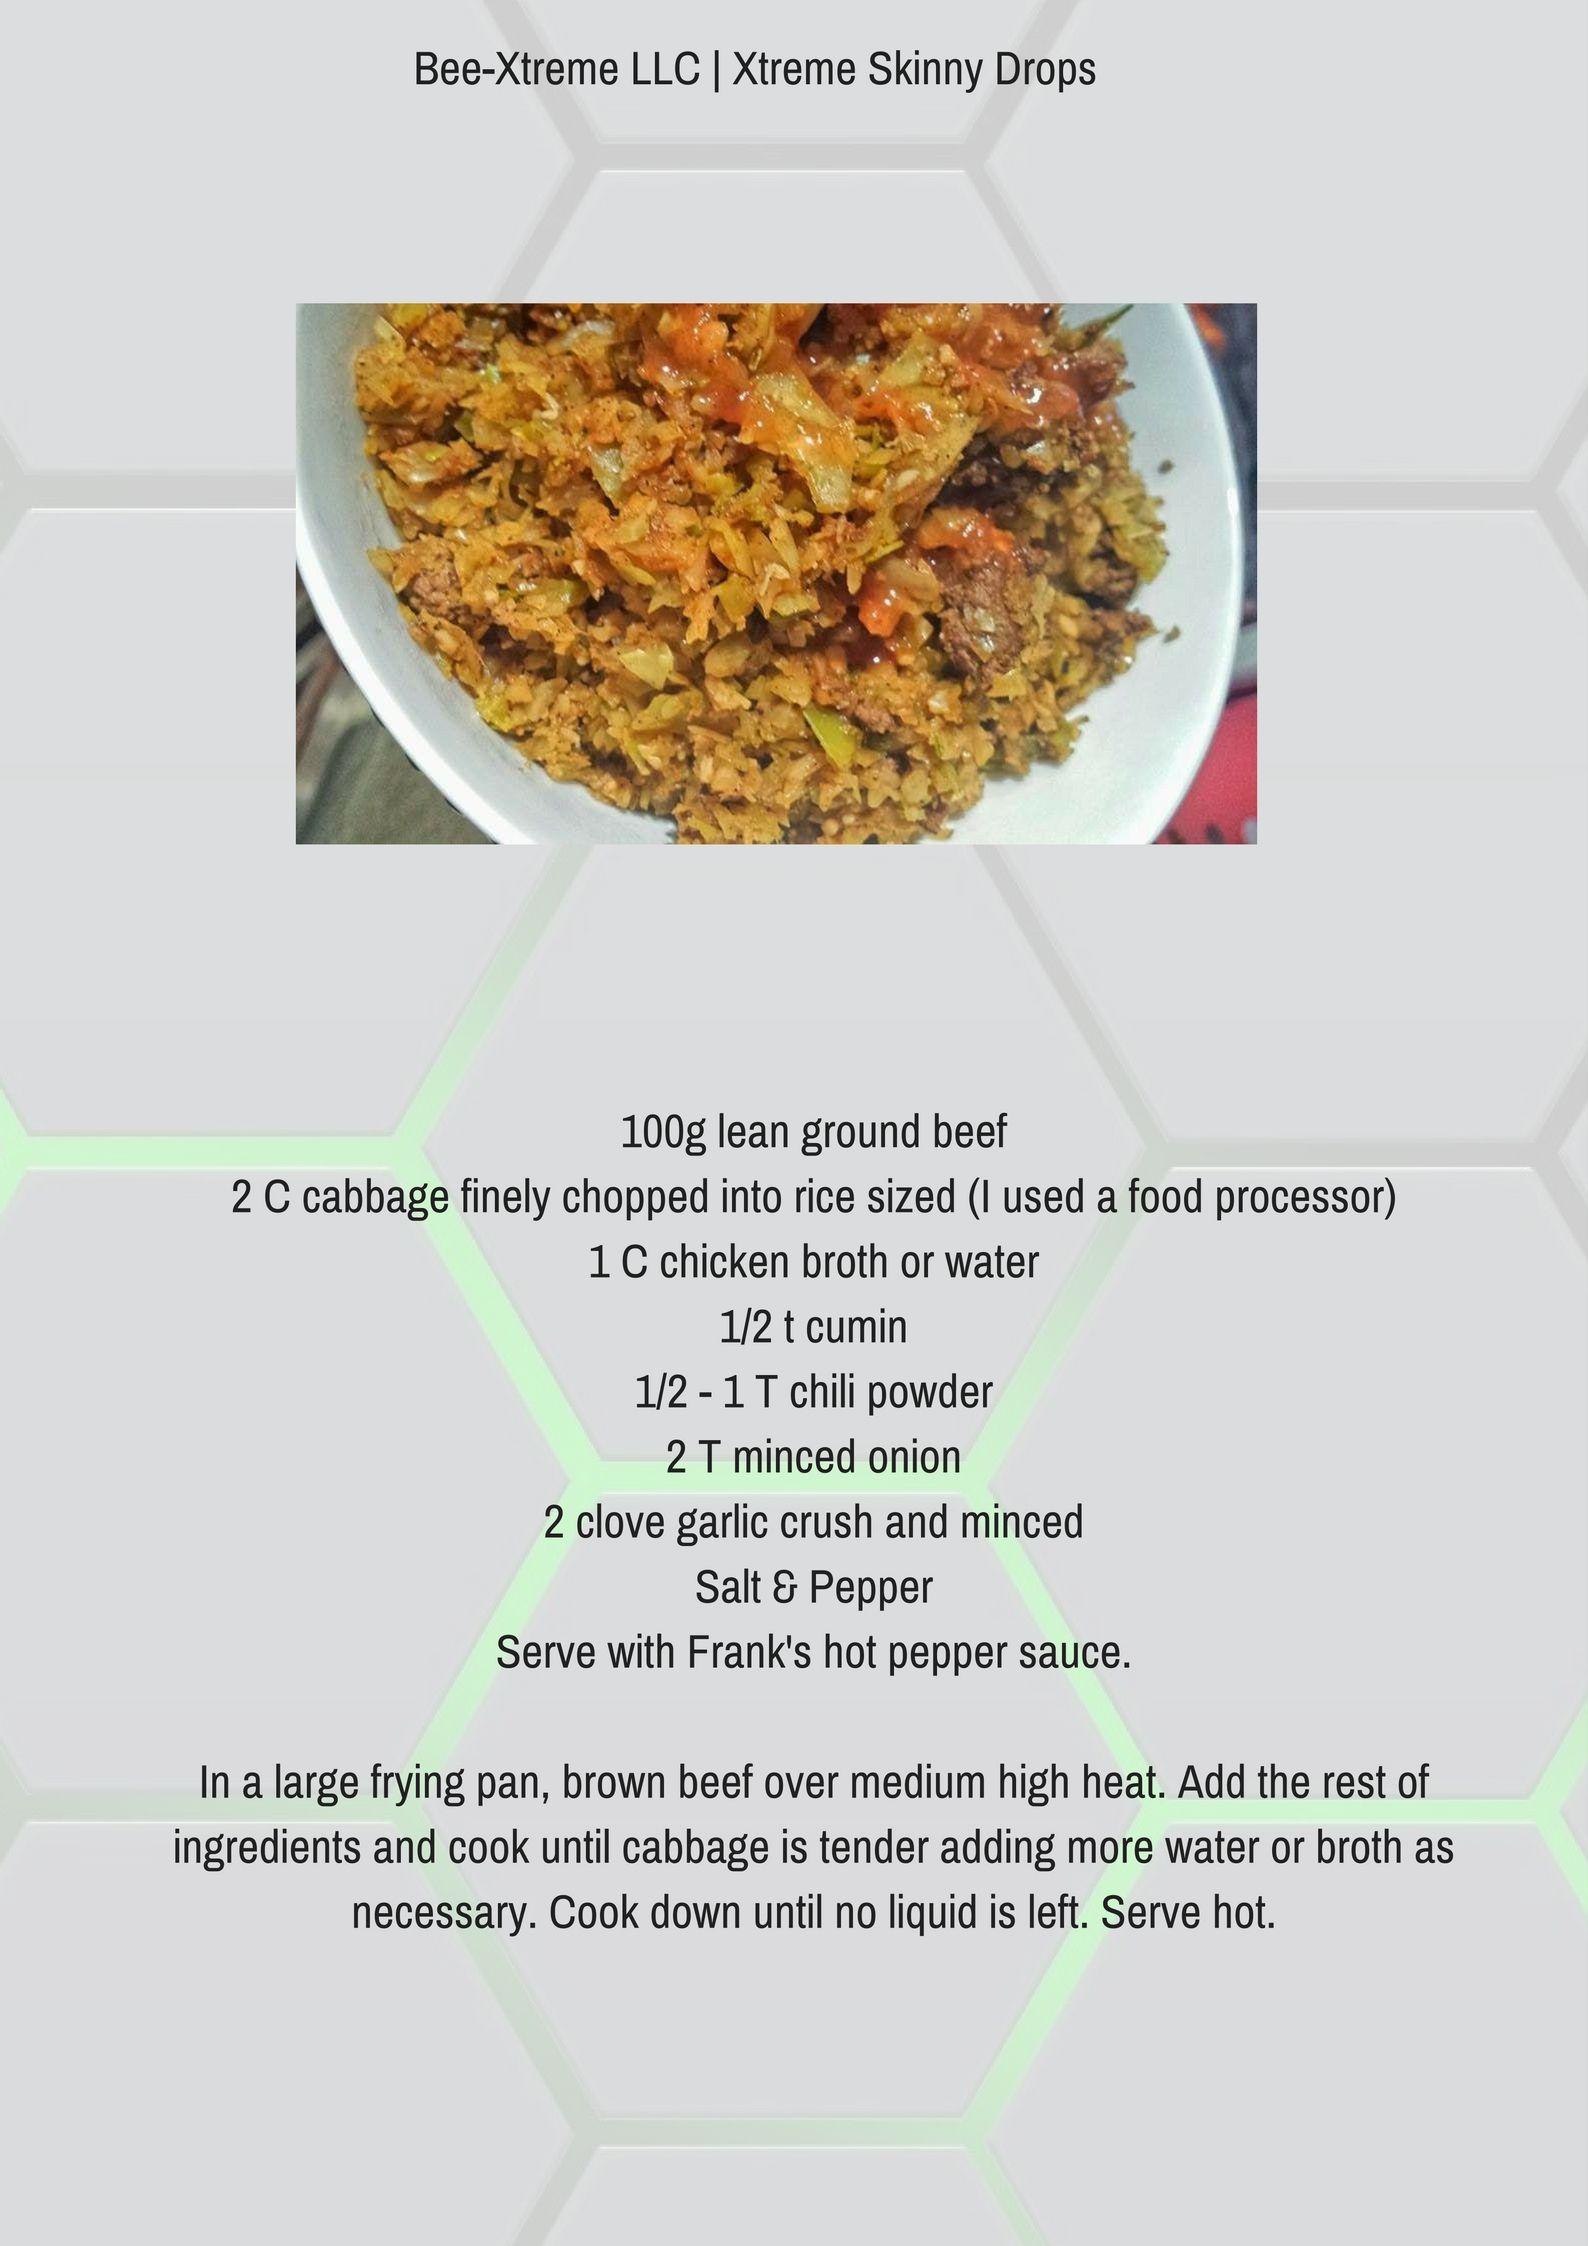 skinny drops diet plan